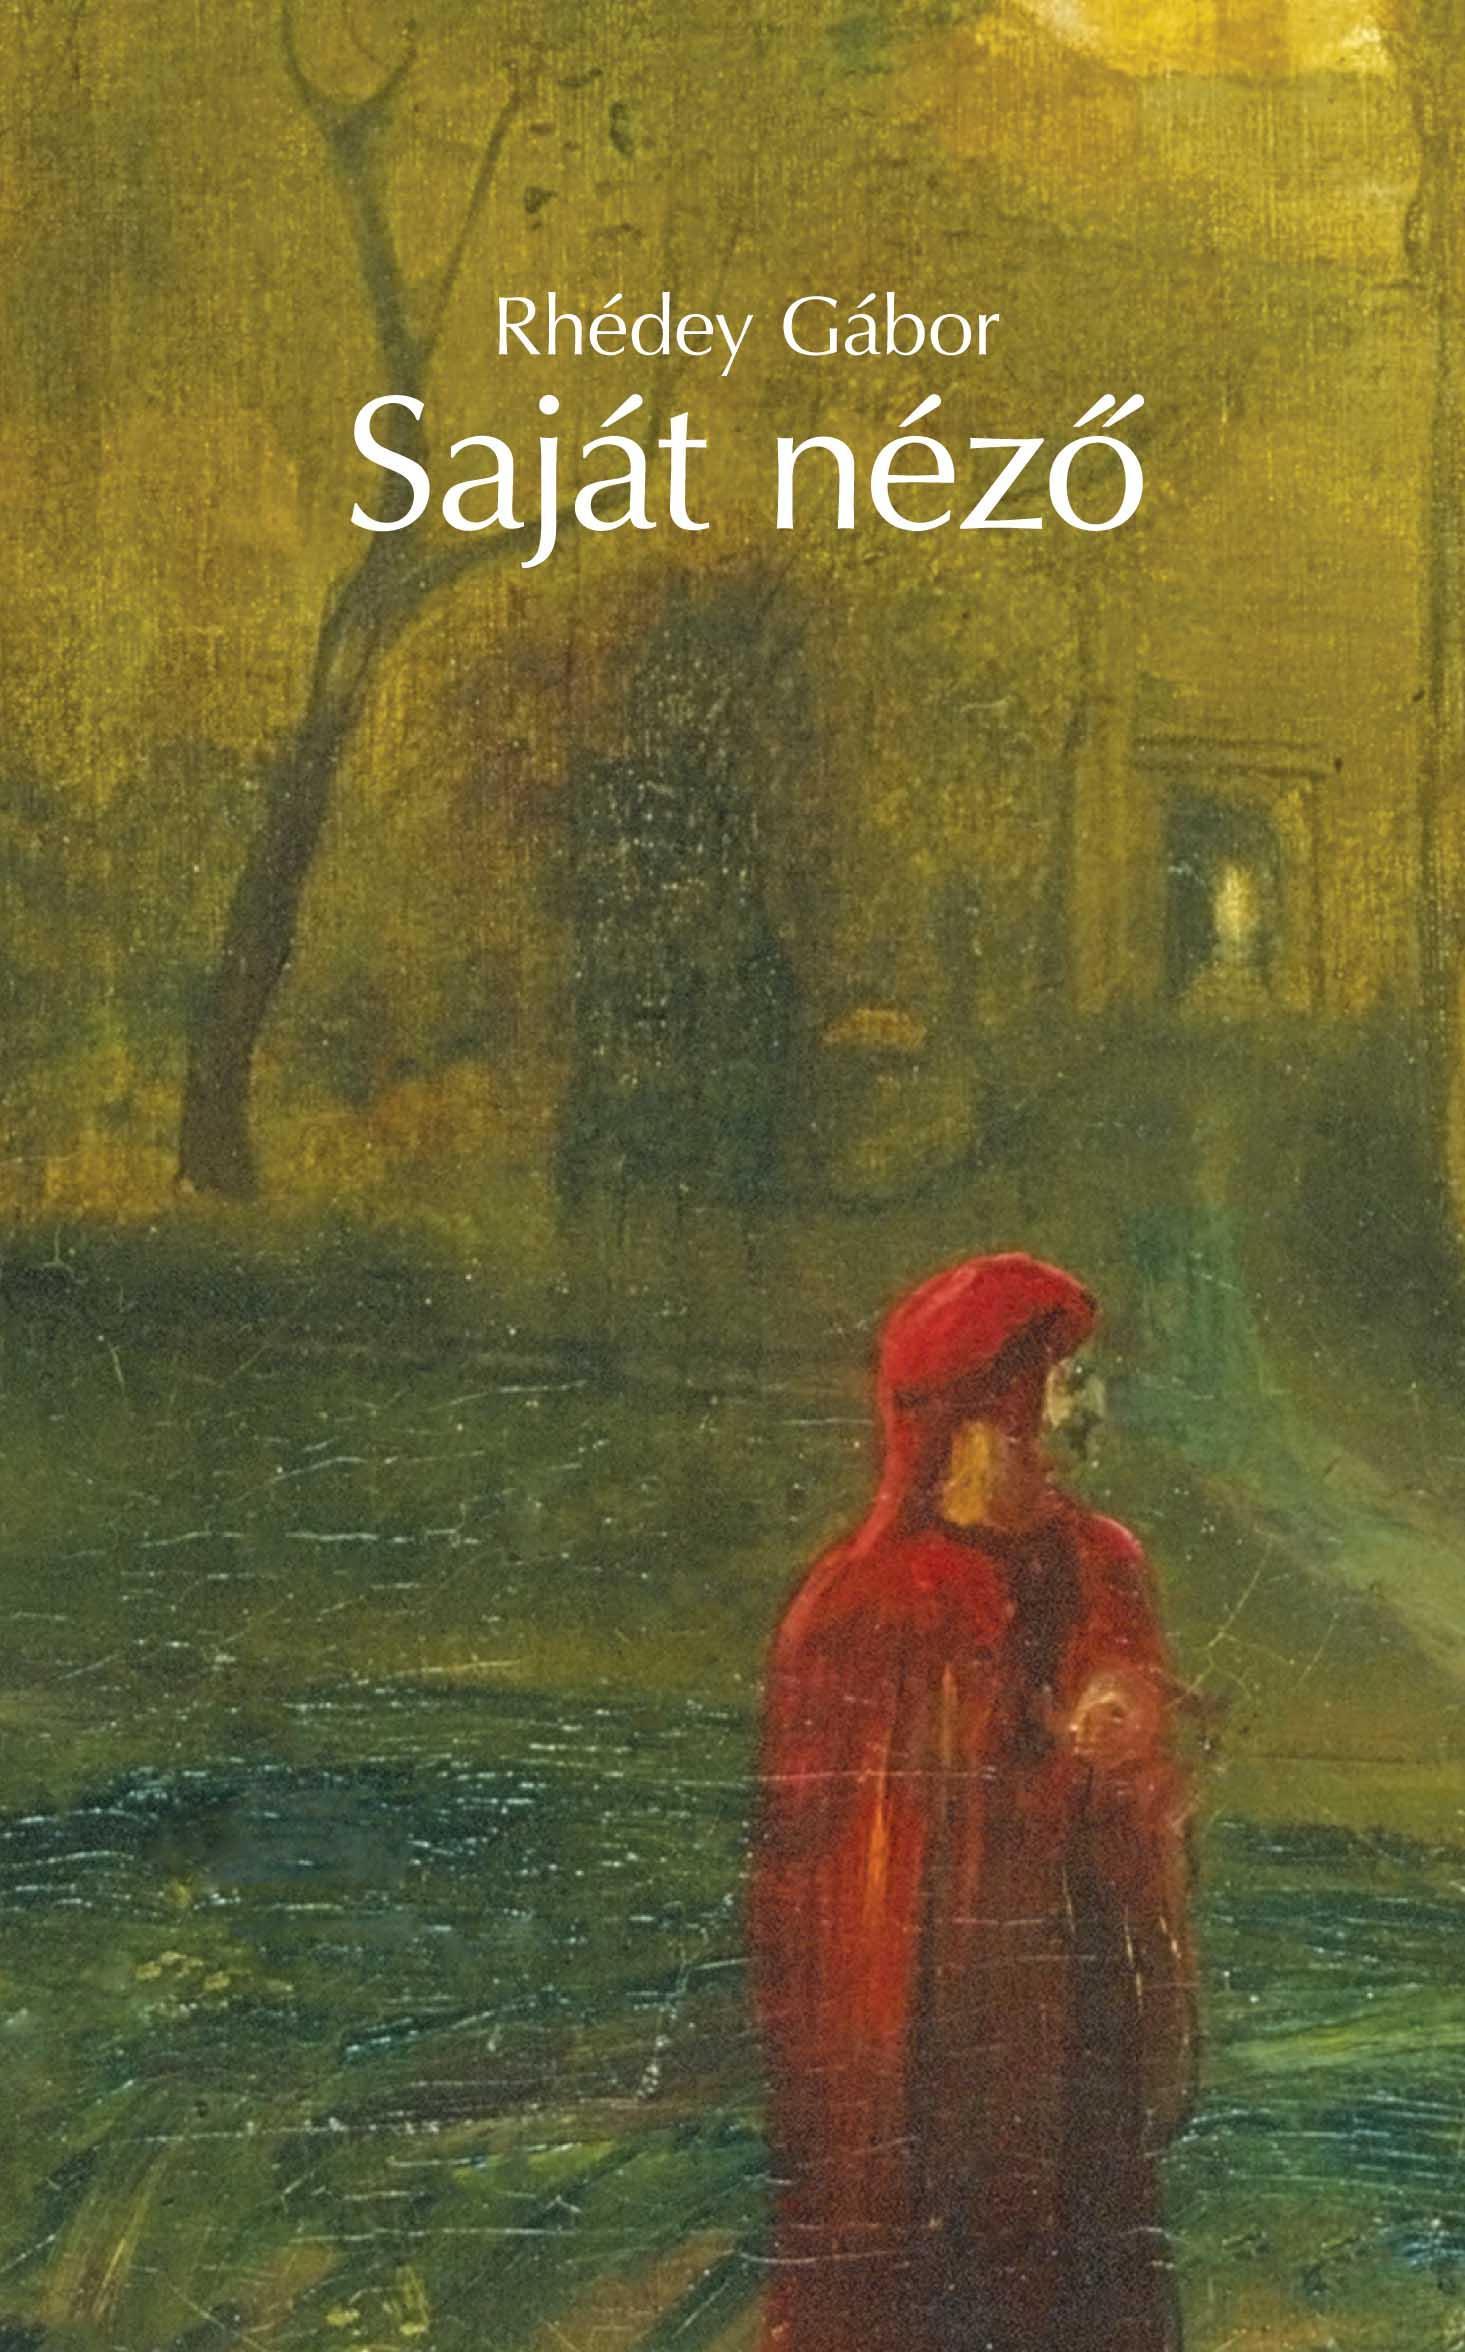 SAJÁT NÉZŐ